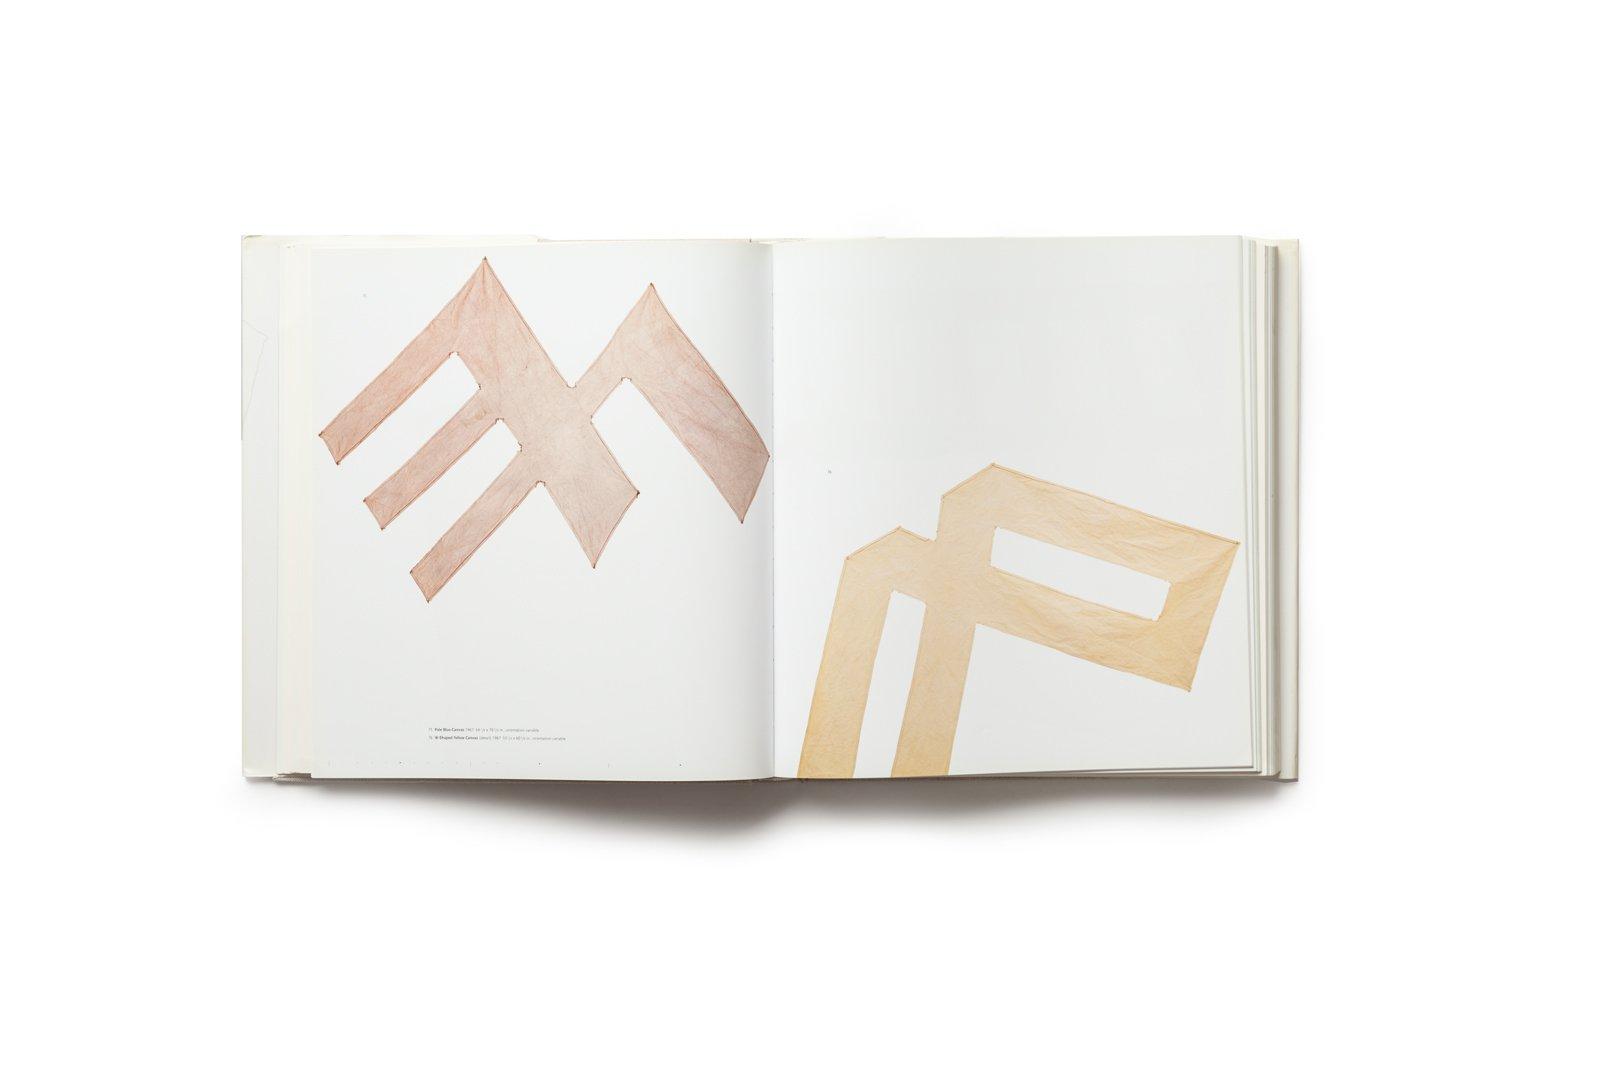 The Art of Richard Tuttle publication plates 75-76